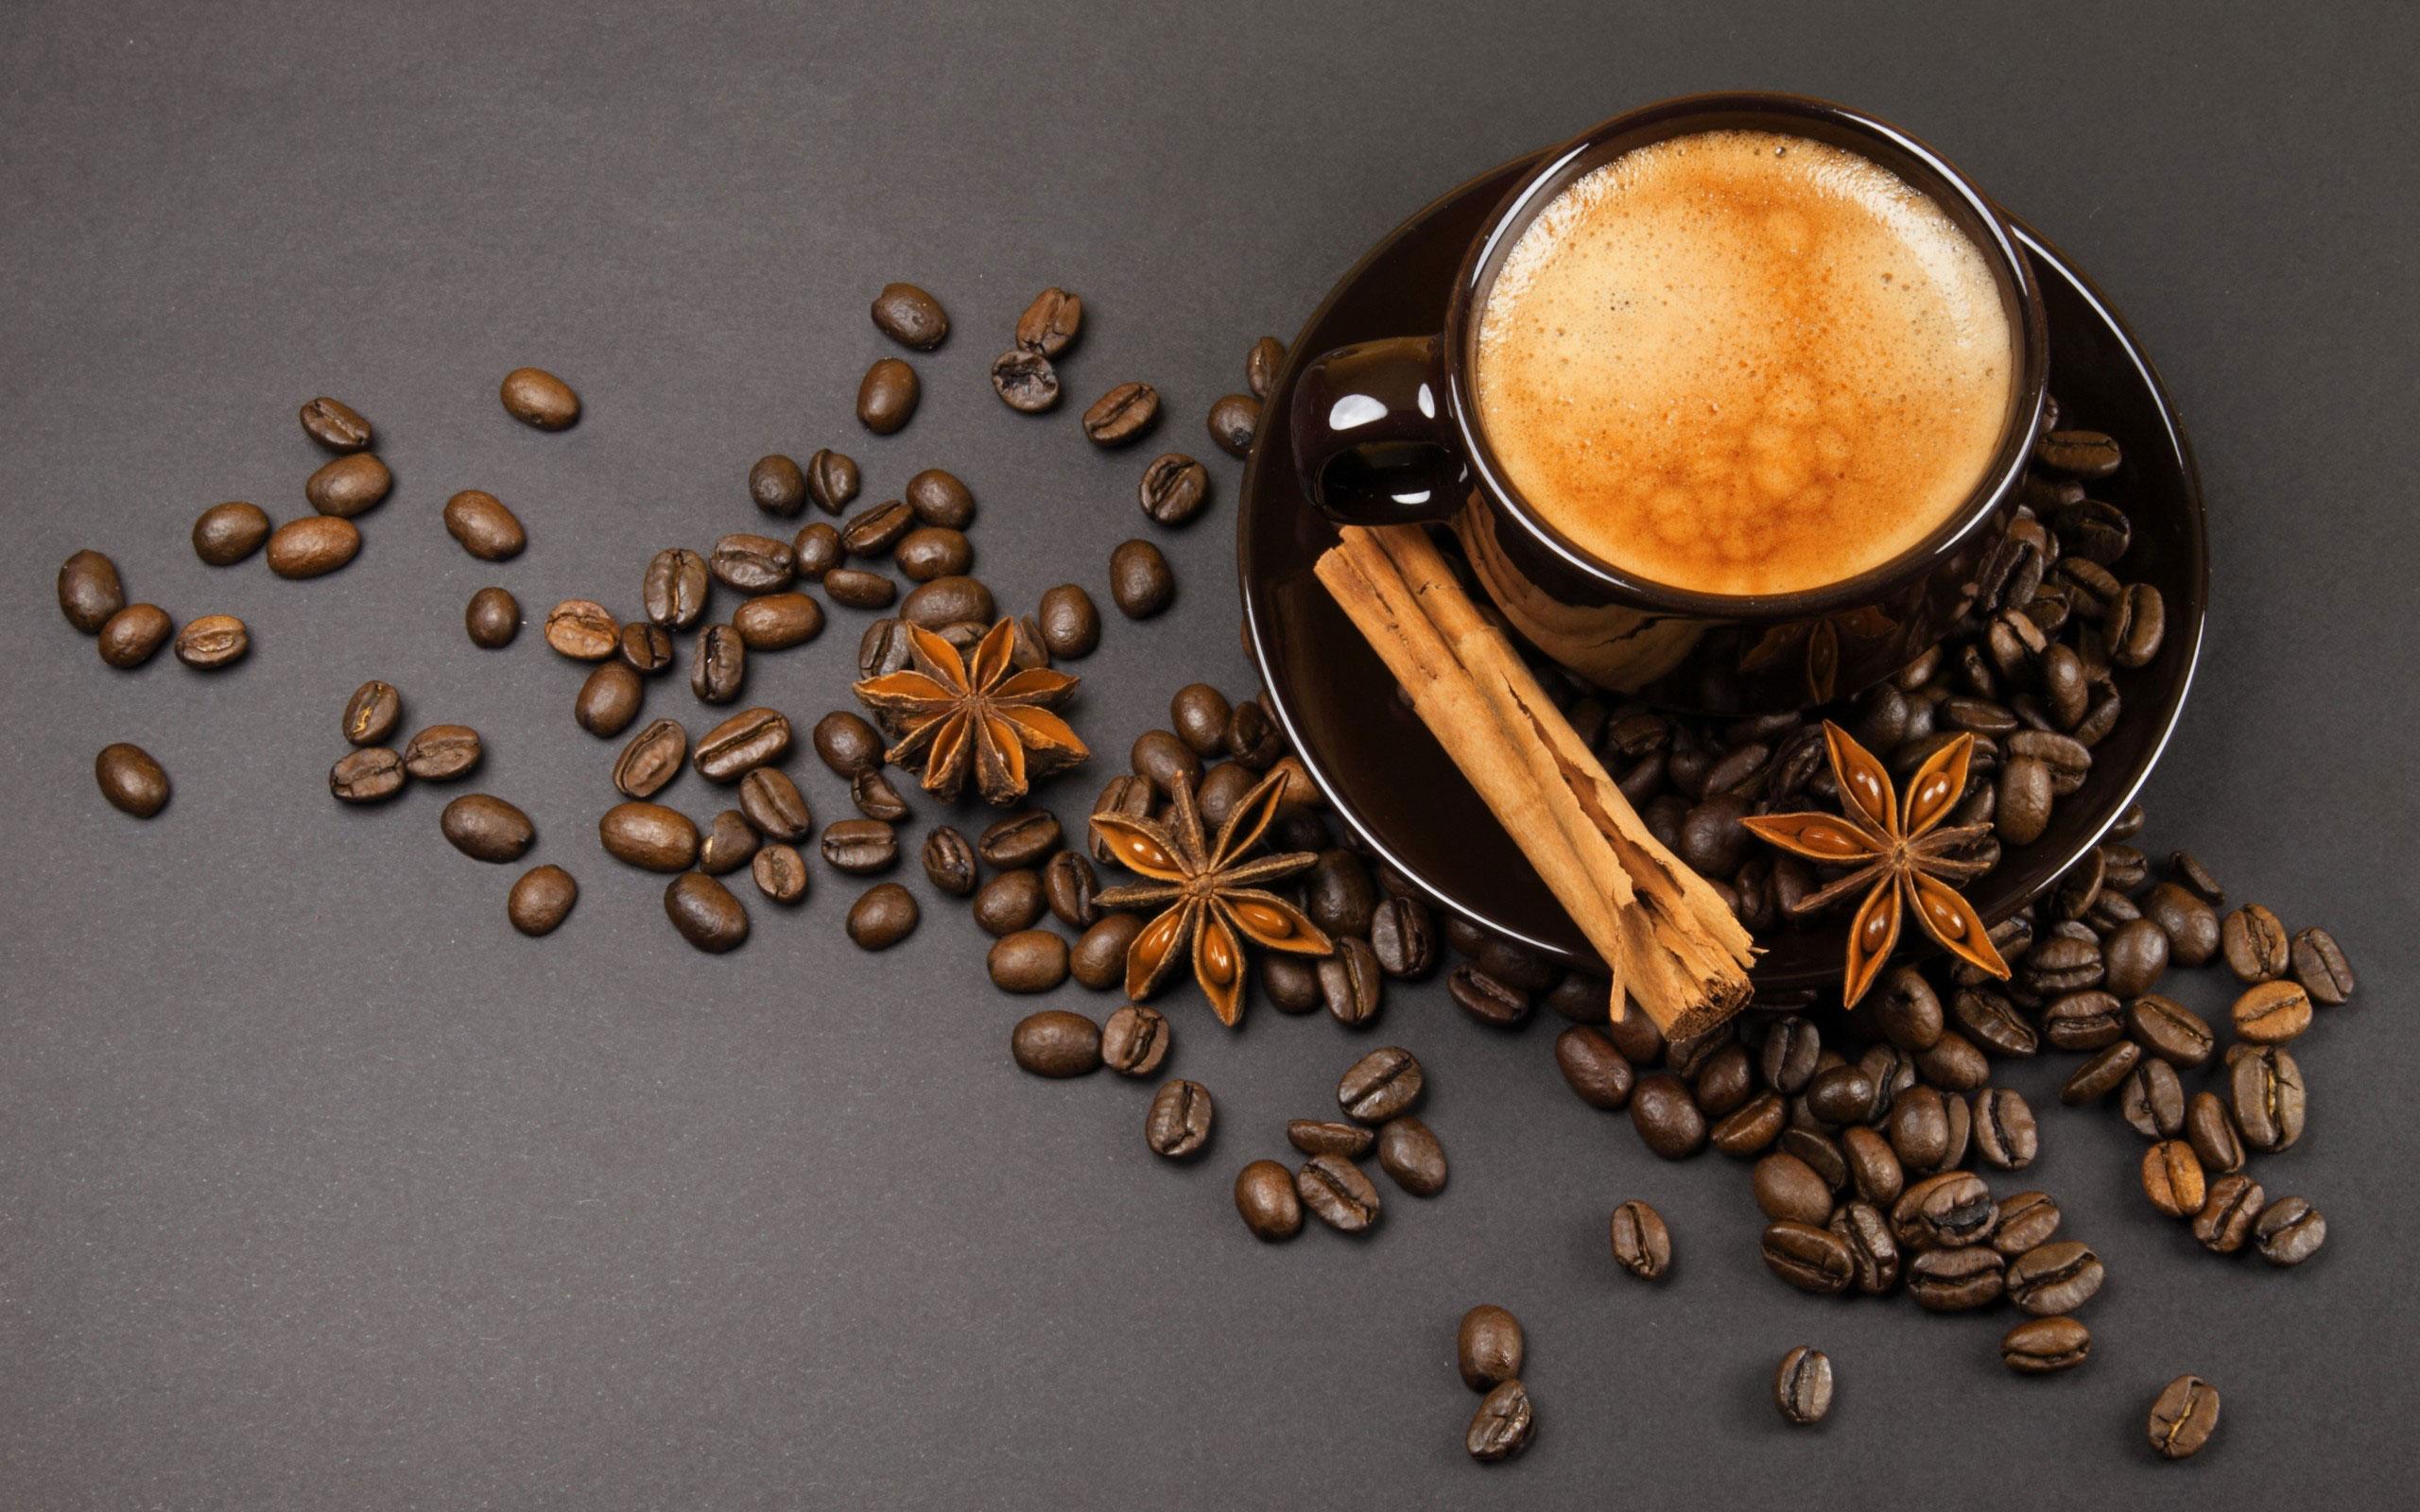 ảnh cốc cà phê đẹp